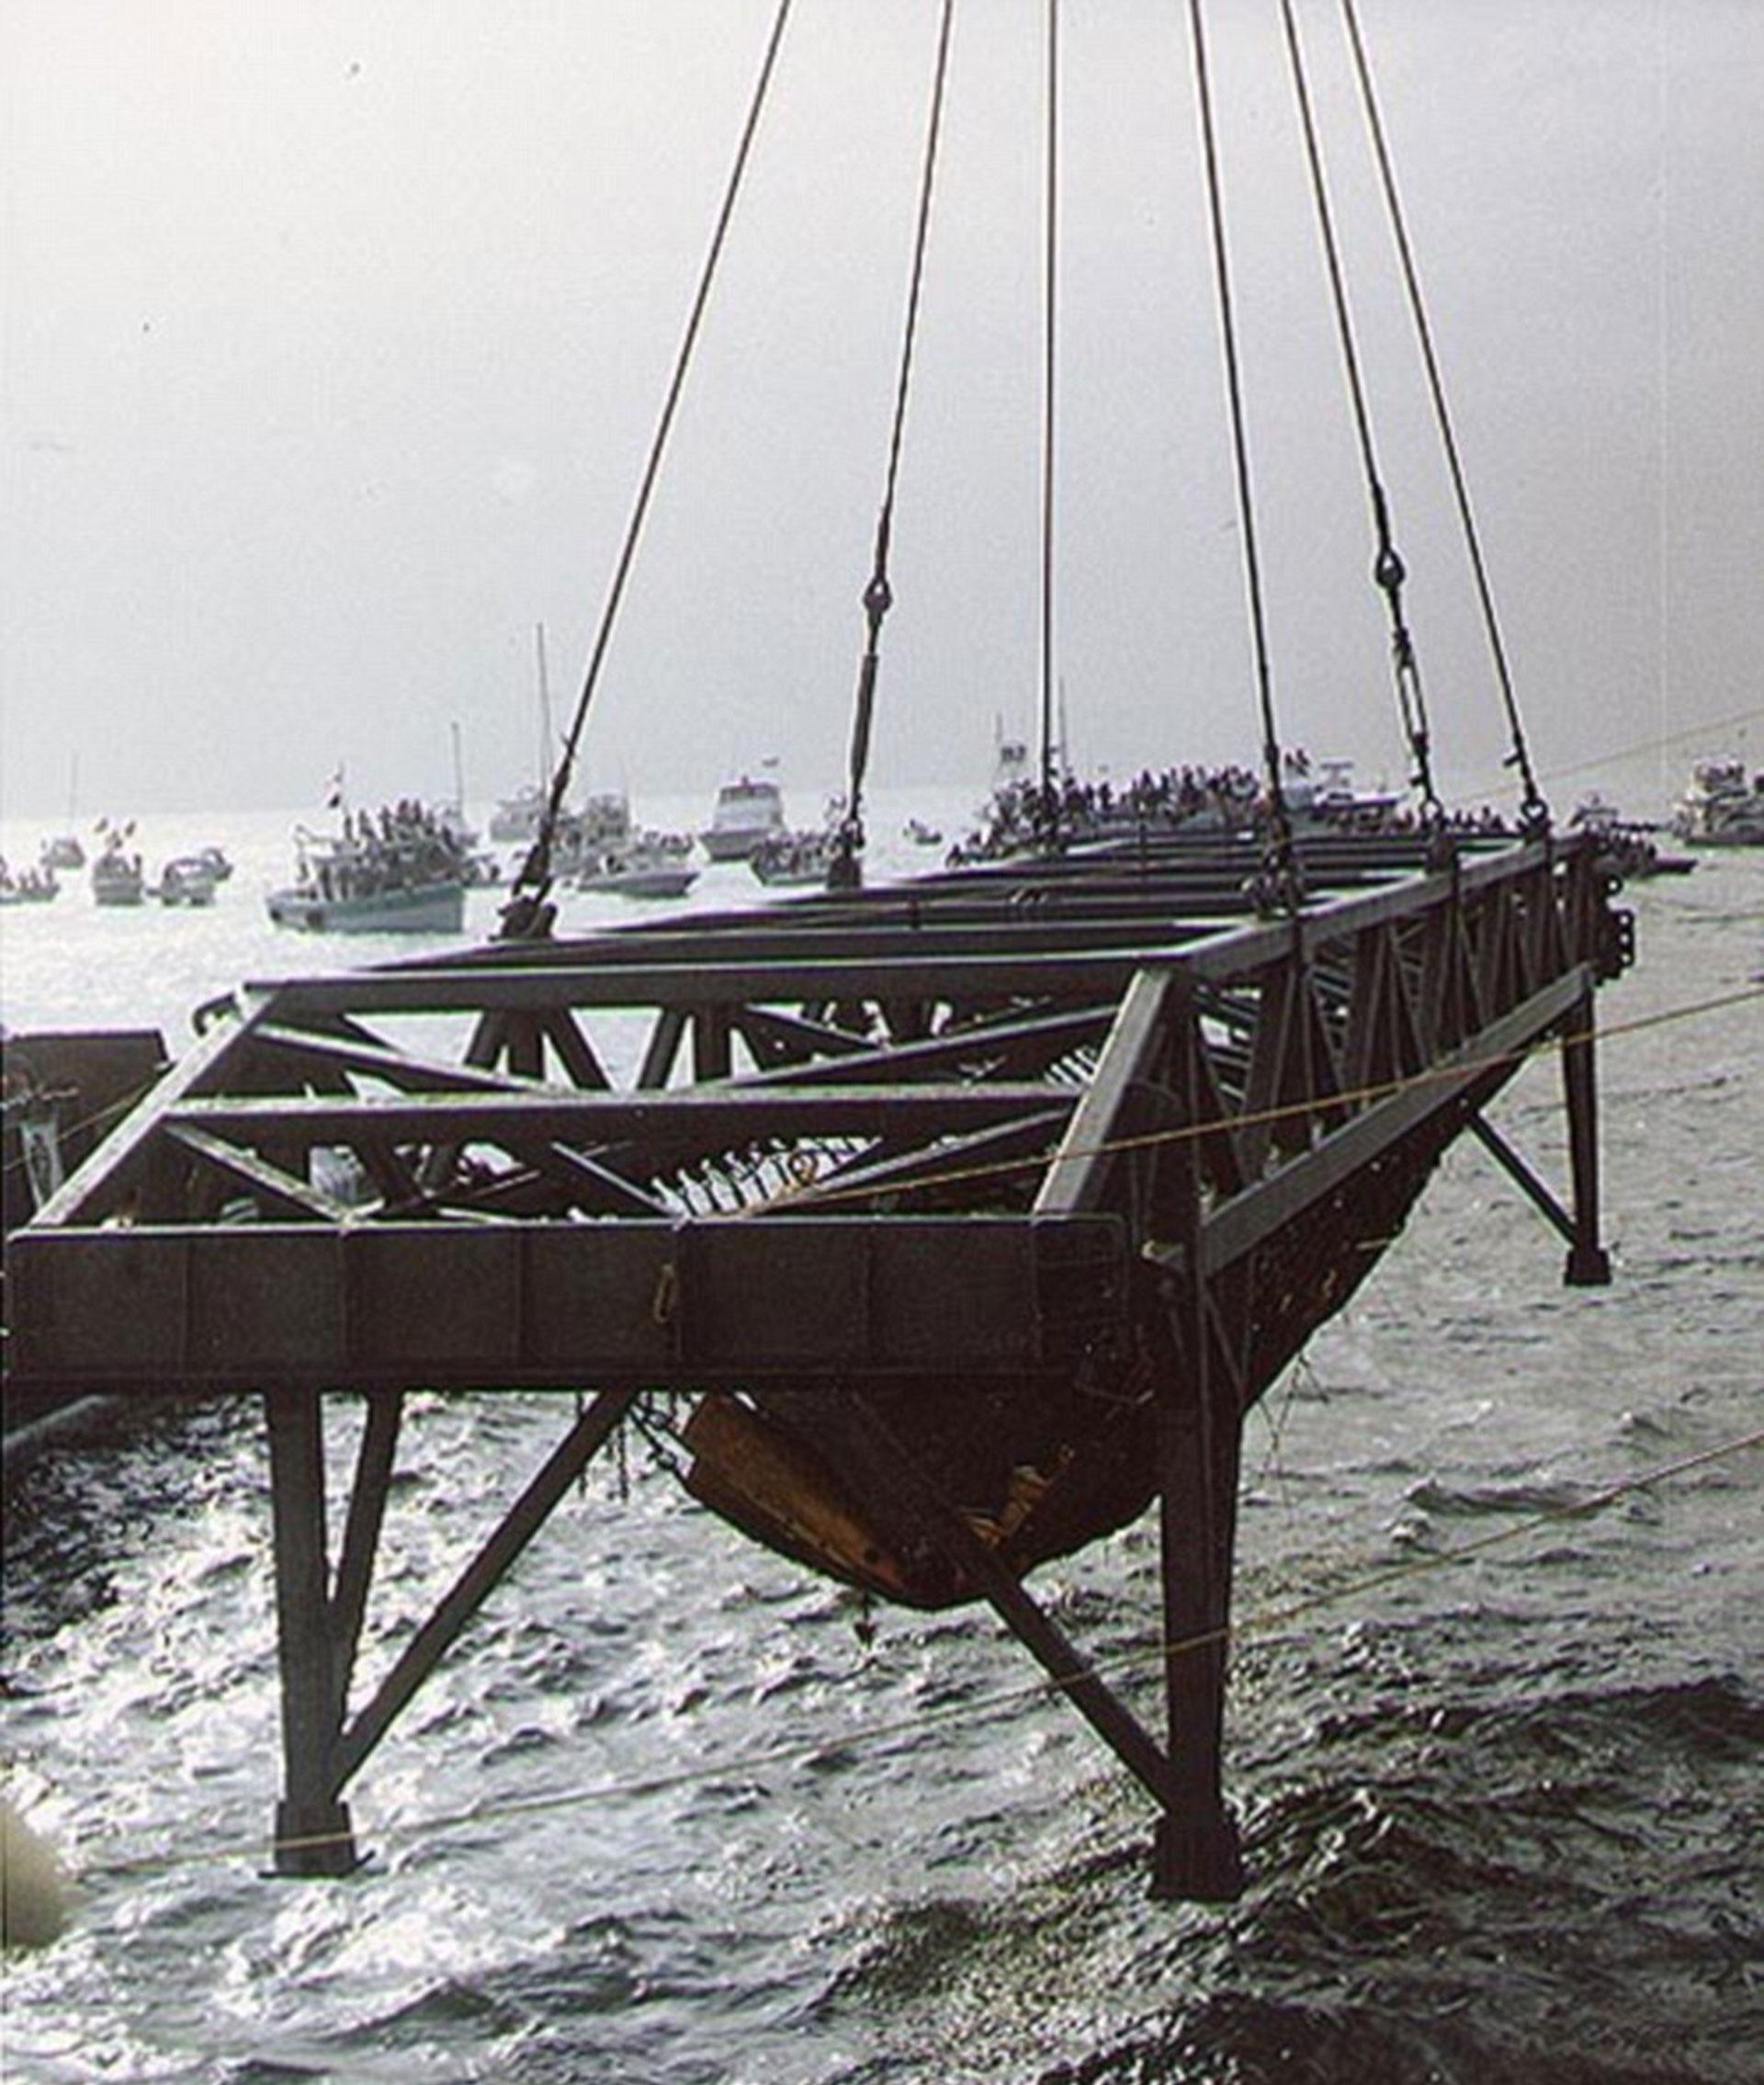 Al momento del rescate del naufragio en 2000, se encontraron restos de los tripulantes, que fueron enterrados (Daily Mail)